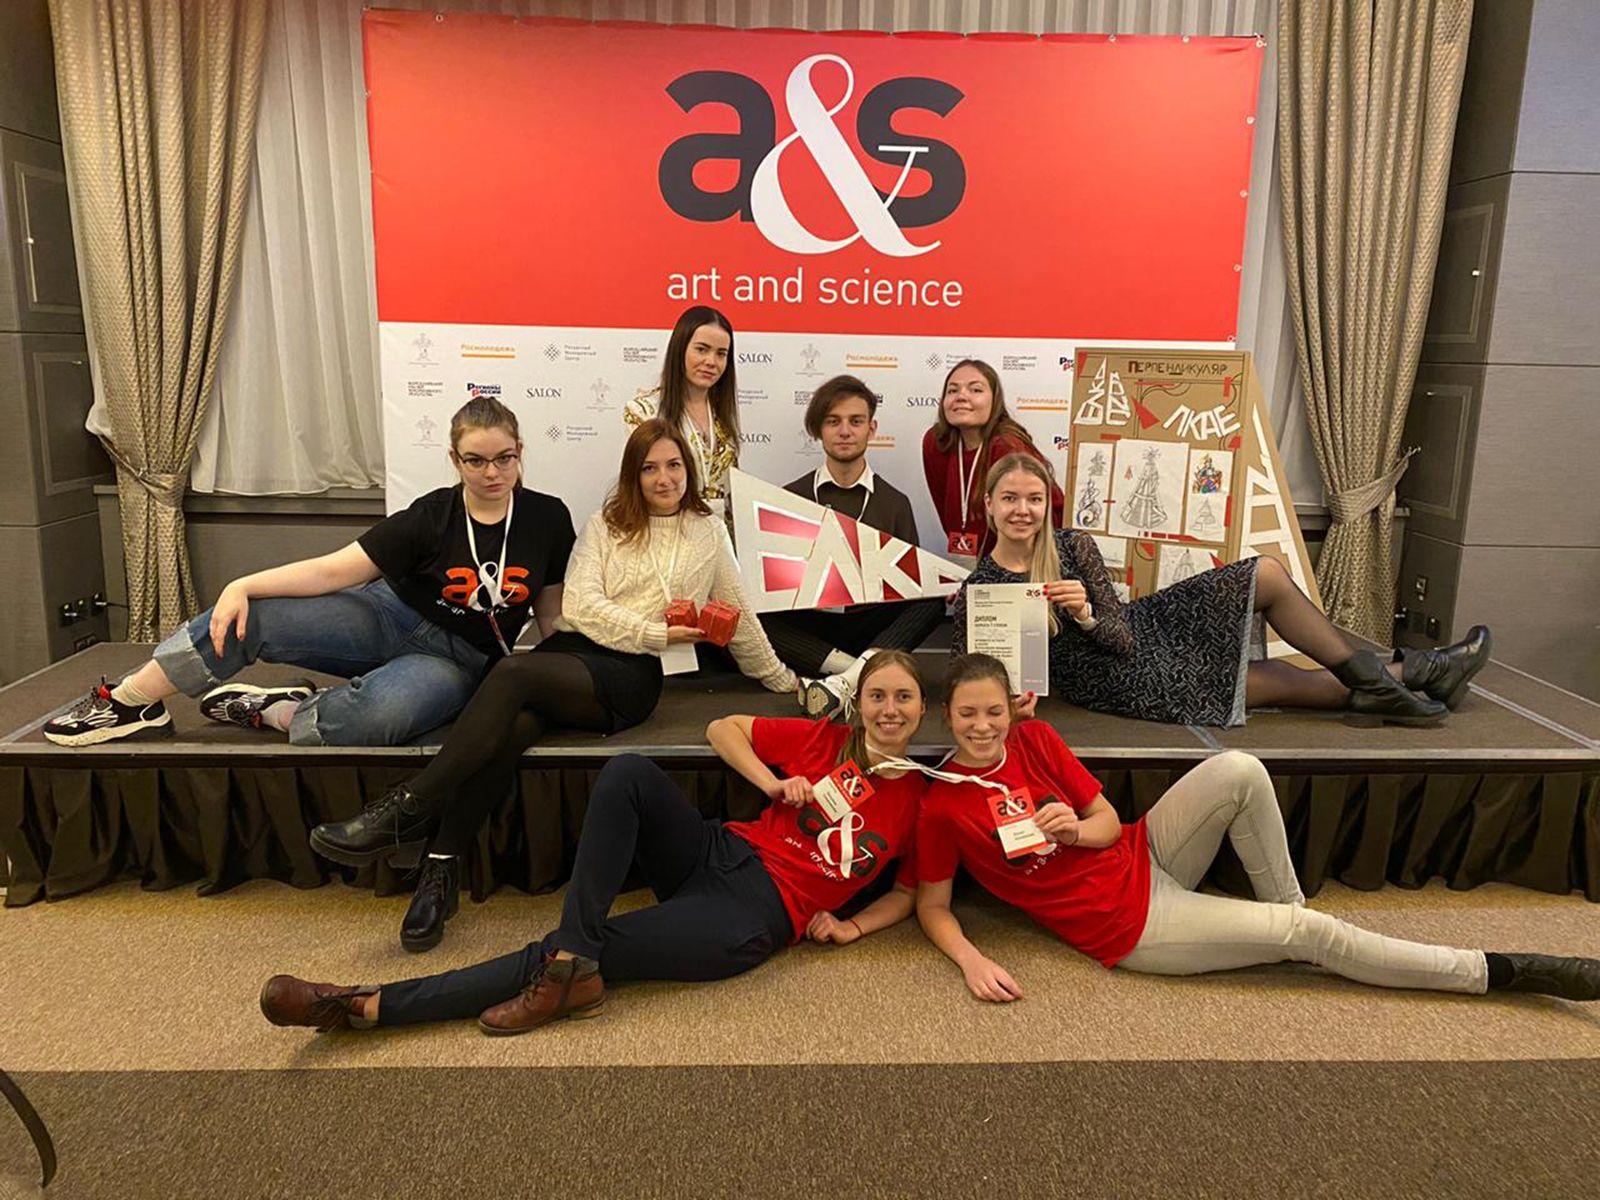 Студентки ВГУЭС – лауреаты Всероссийского молодежного культурно-образовательного фестиваля Art&Science